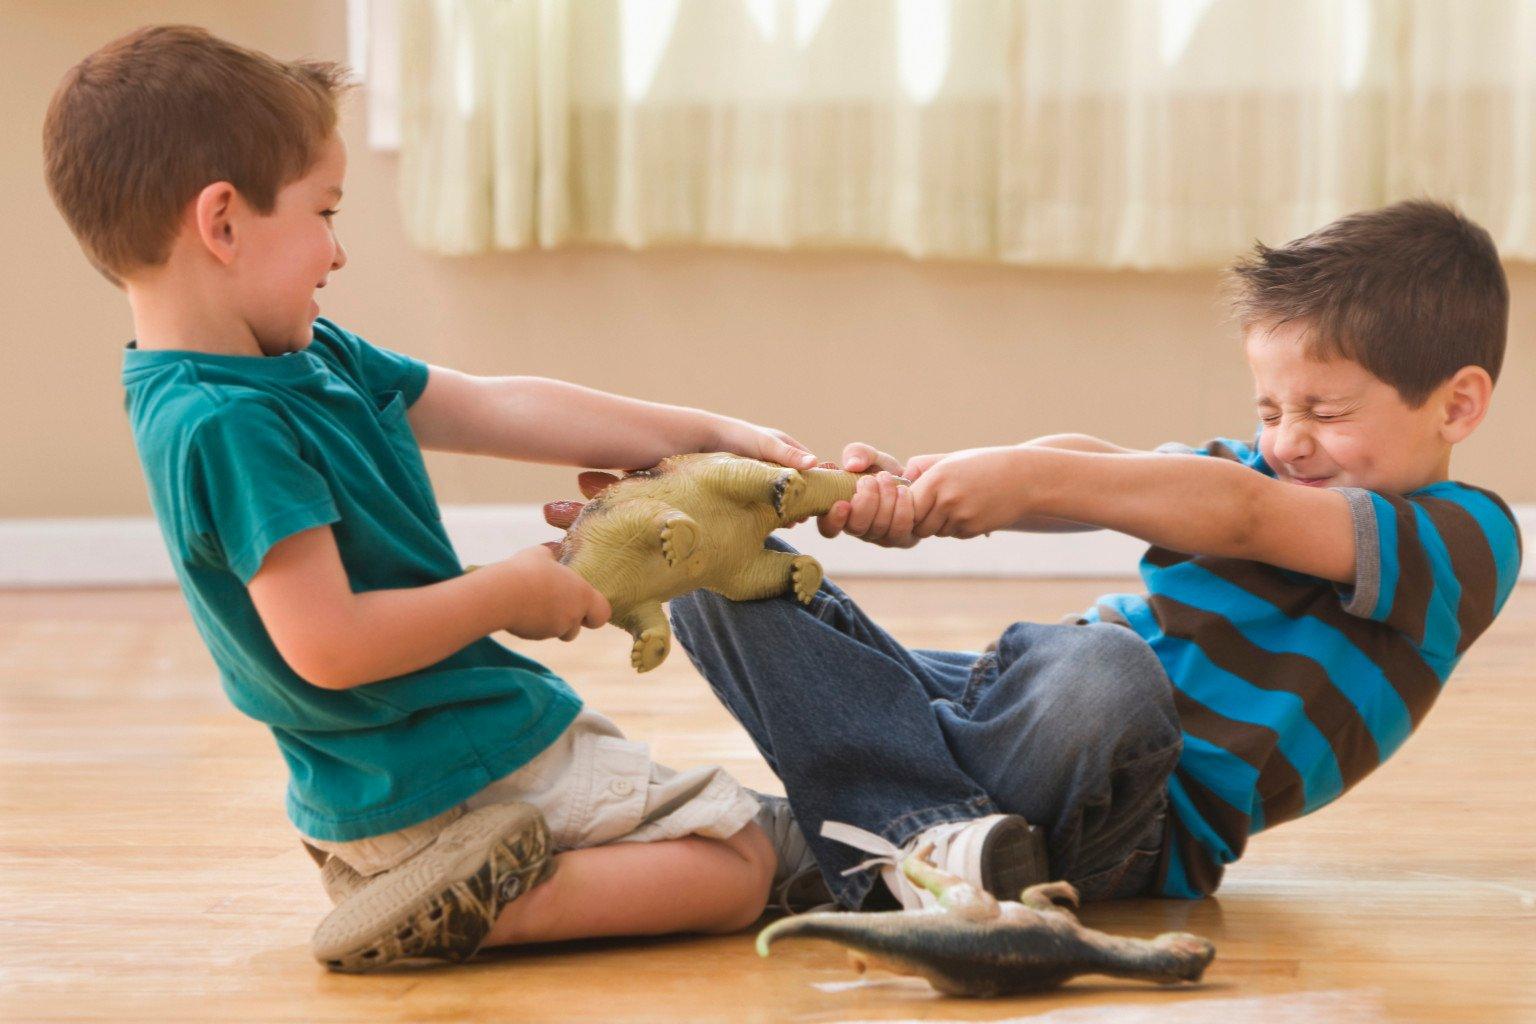 Estudo diz que briga entre irmãos faz bem para saúde